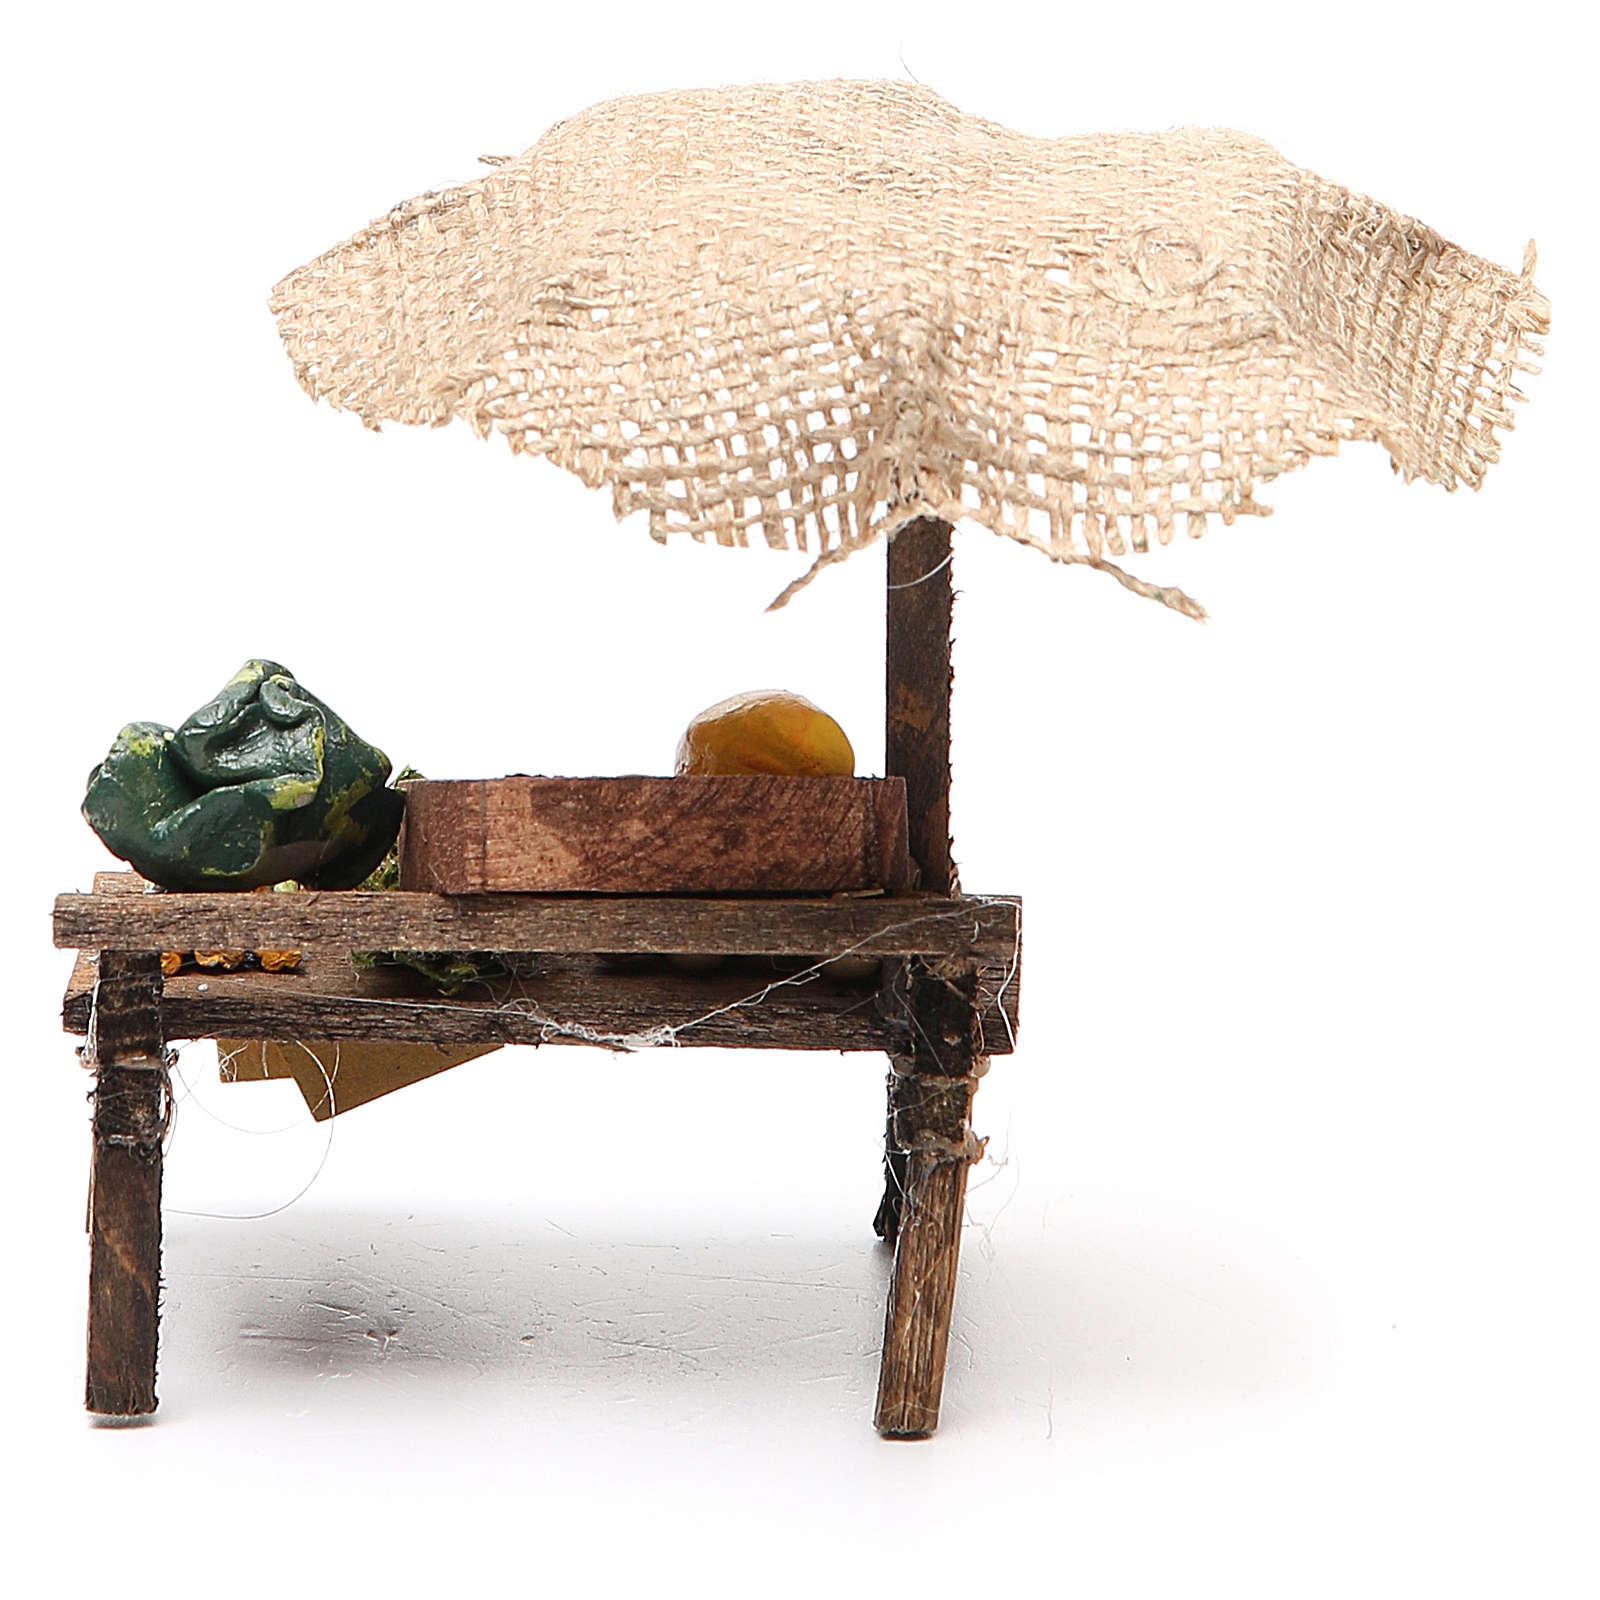 Banca presépio com chapéu de sol hortaliça 12x10x12 cm 4